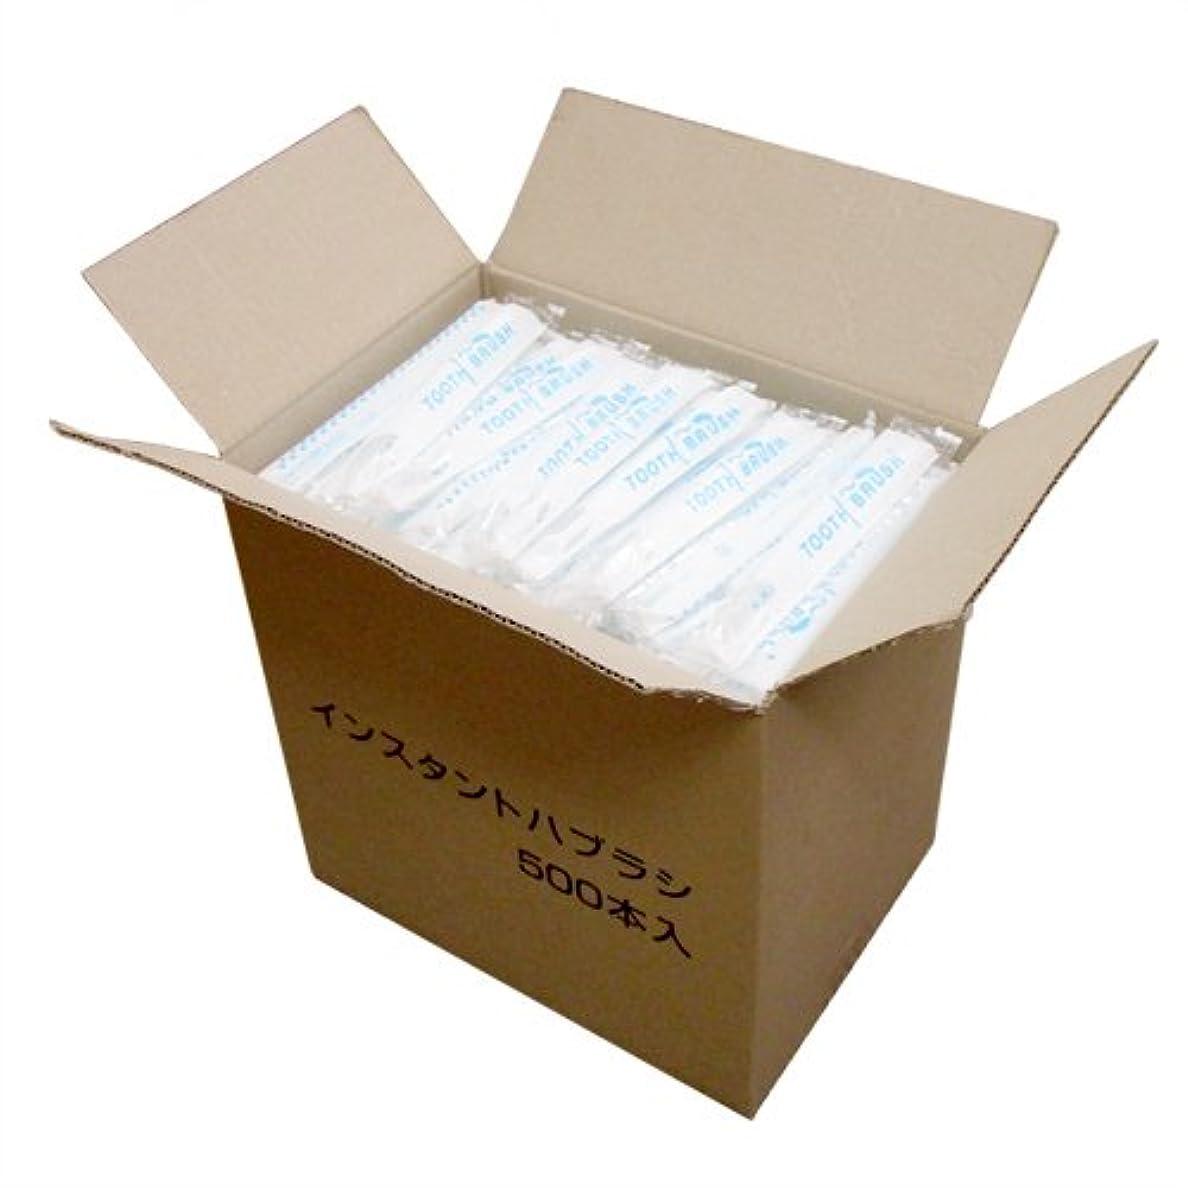 騒乱未満励起業務用 日本製 使い捨て粉付き歯ブラシ 個包装タイプ 500本入×8箱 (4000本入)│ホテルアメニティ